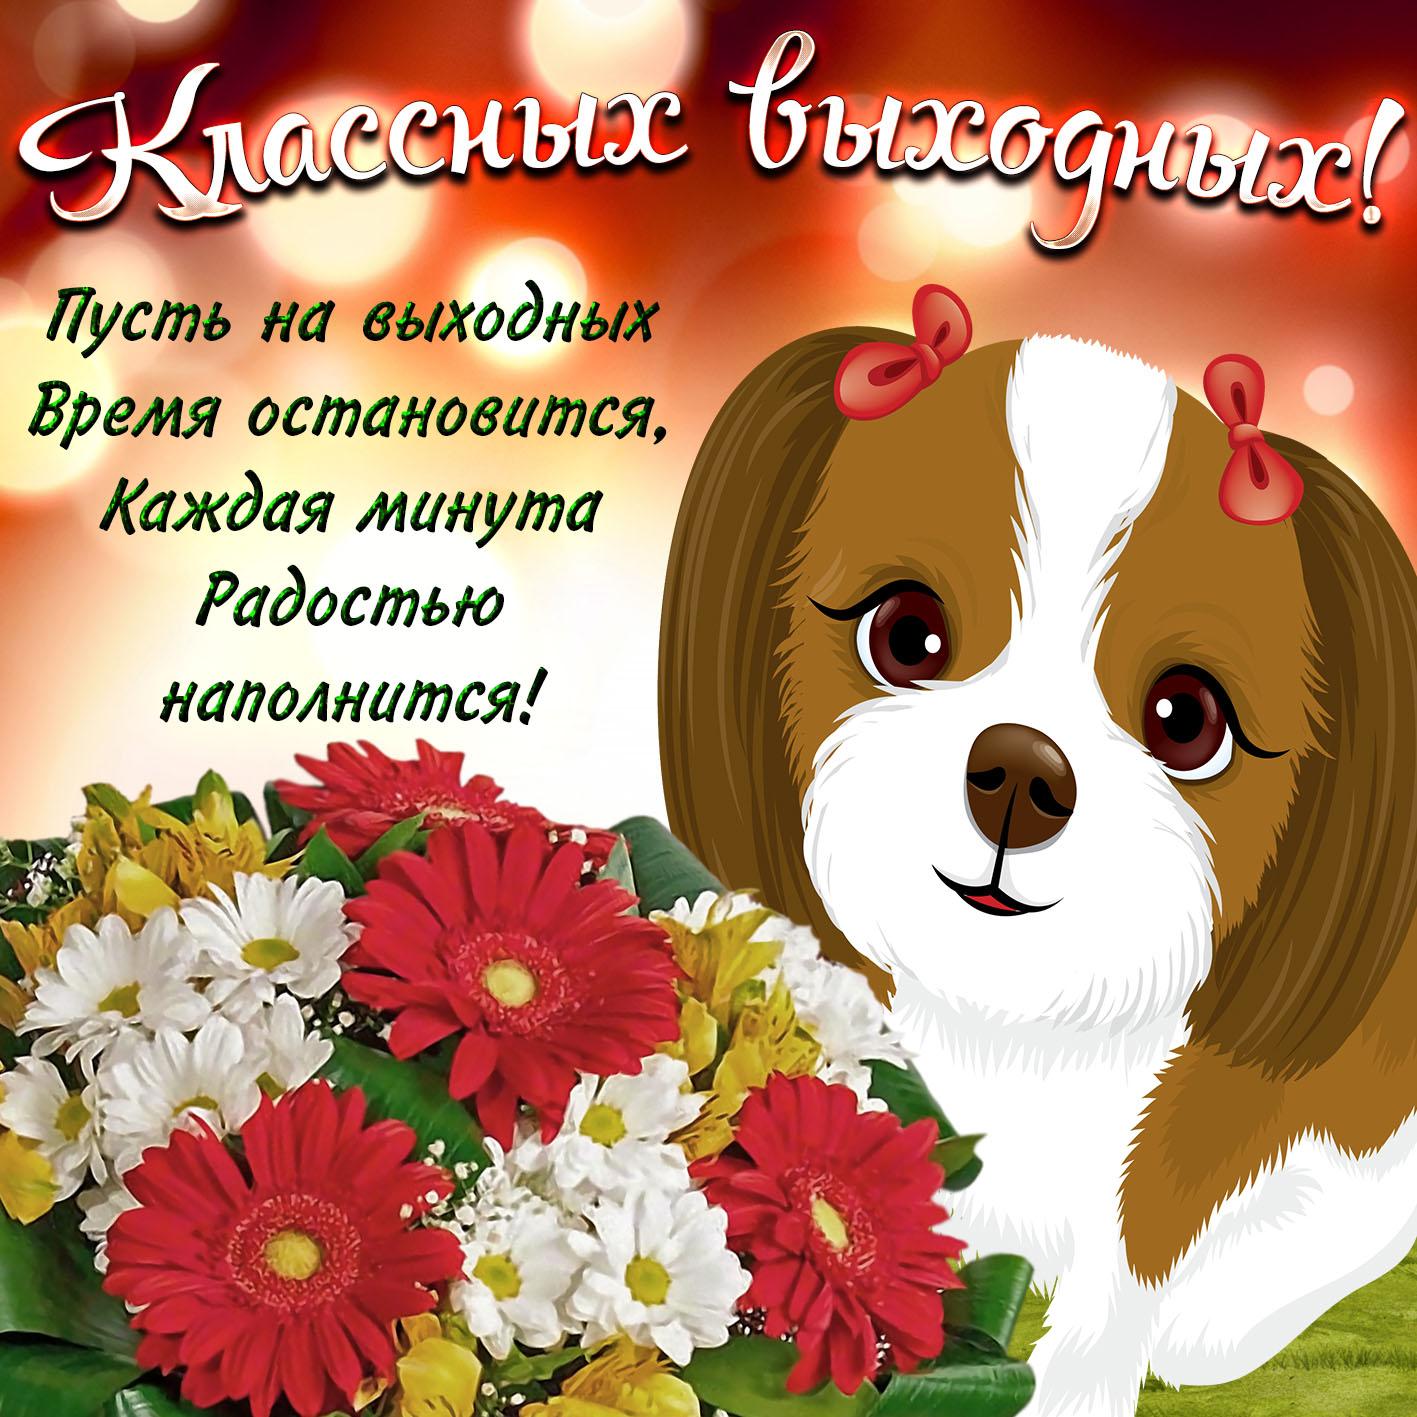 Открытка - милая собачка желает классных выходных